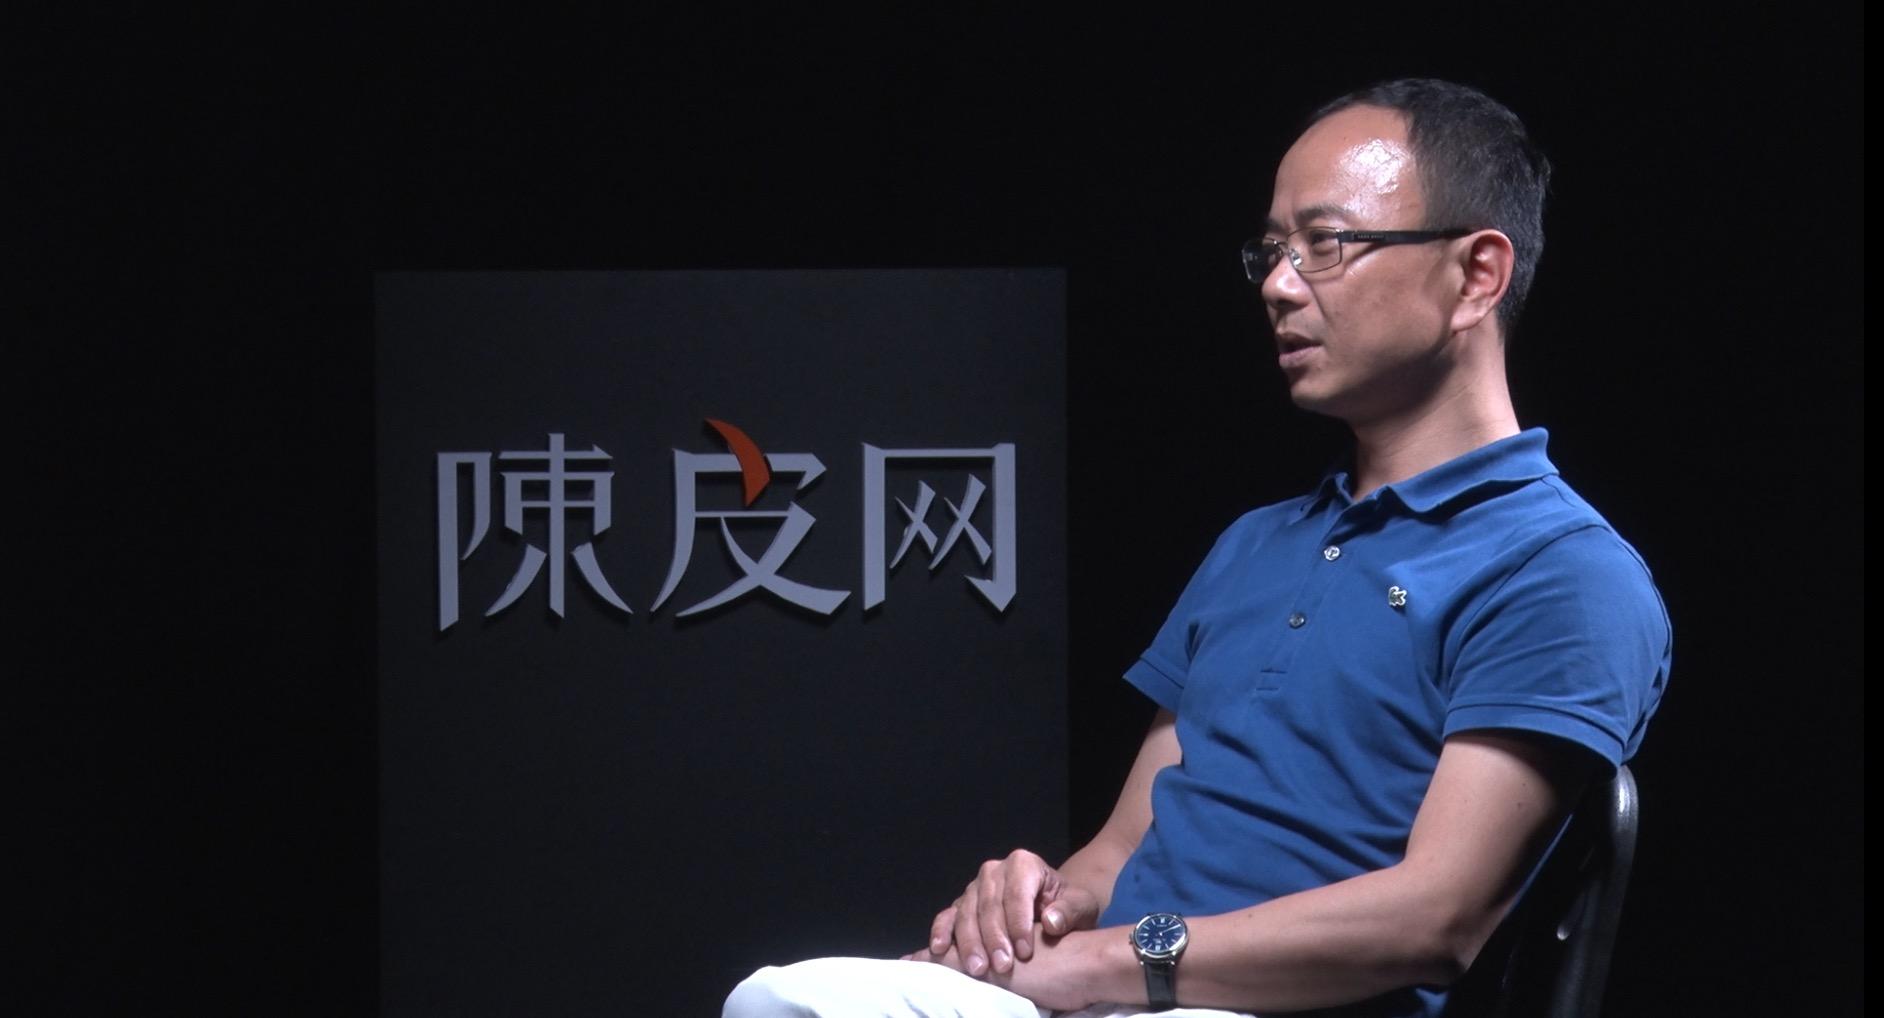 重磅来袭!海南滨海国际执行总裁杨国贤做客海南光度影视制作的《海南新声》栏目